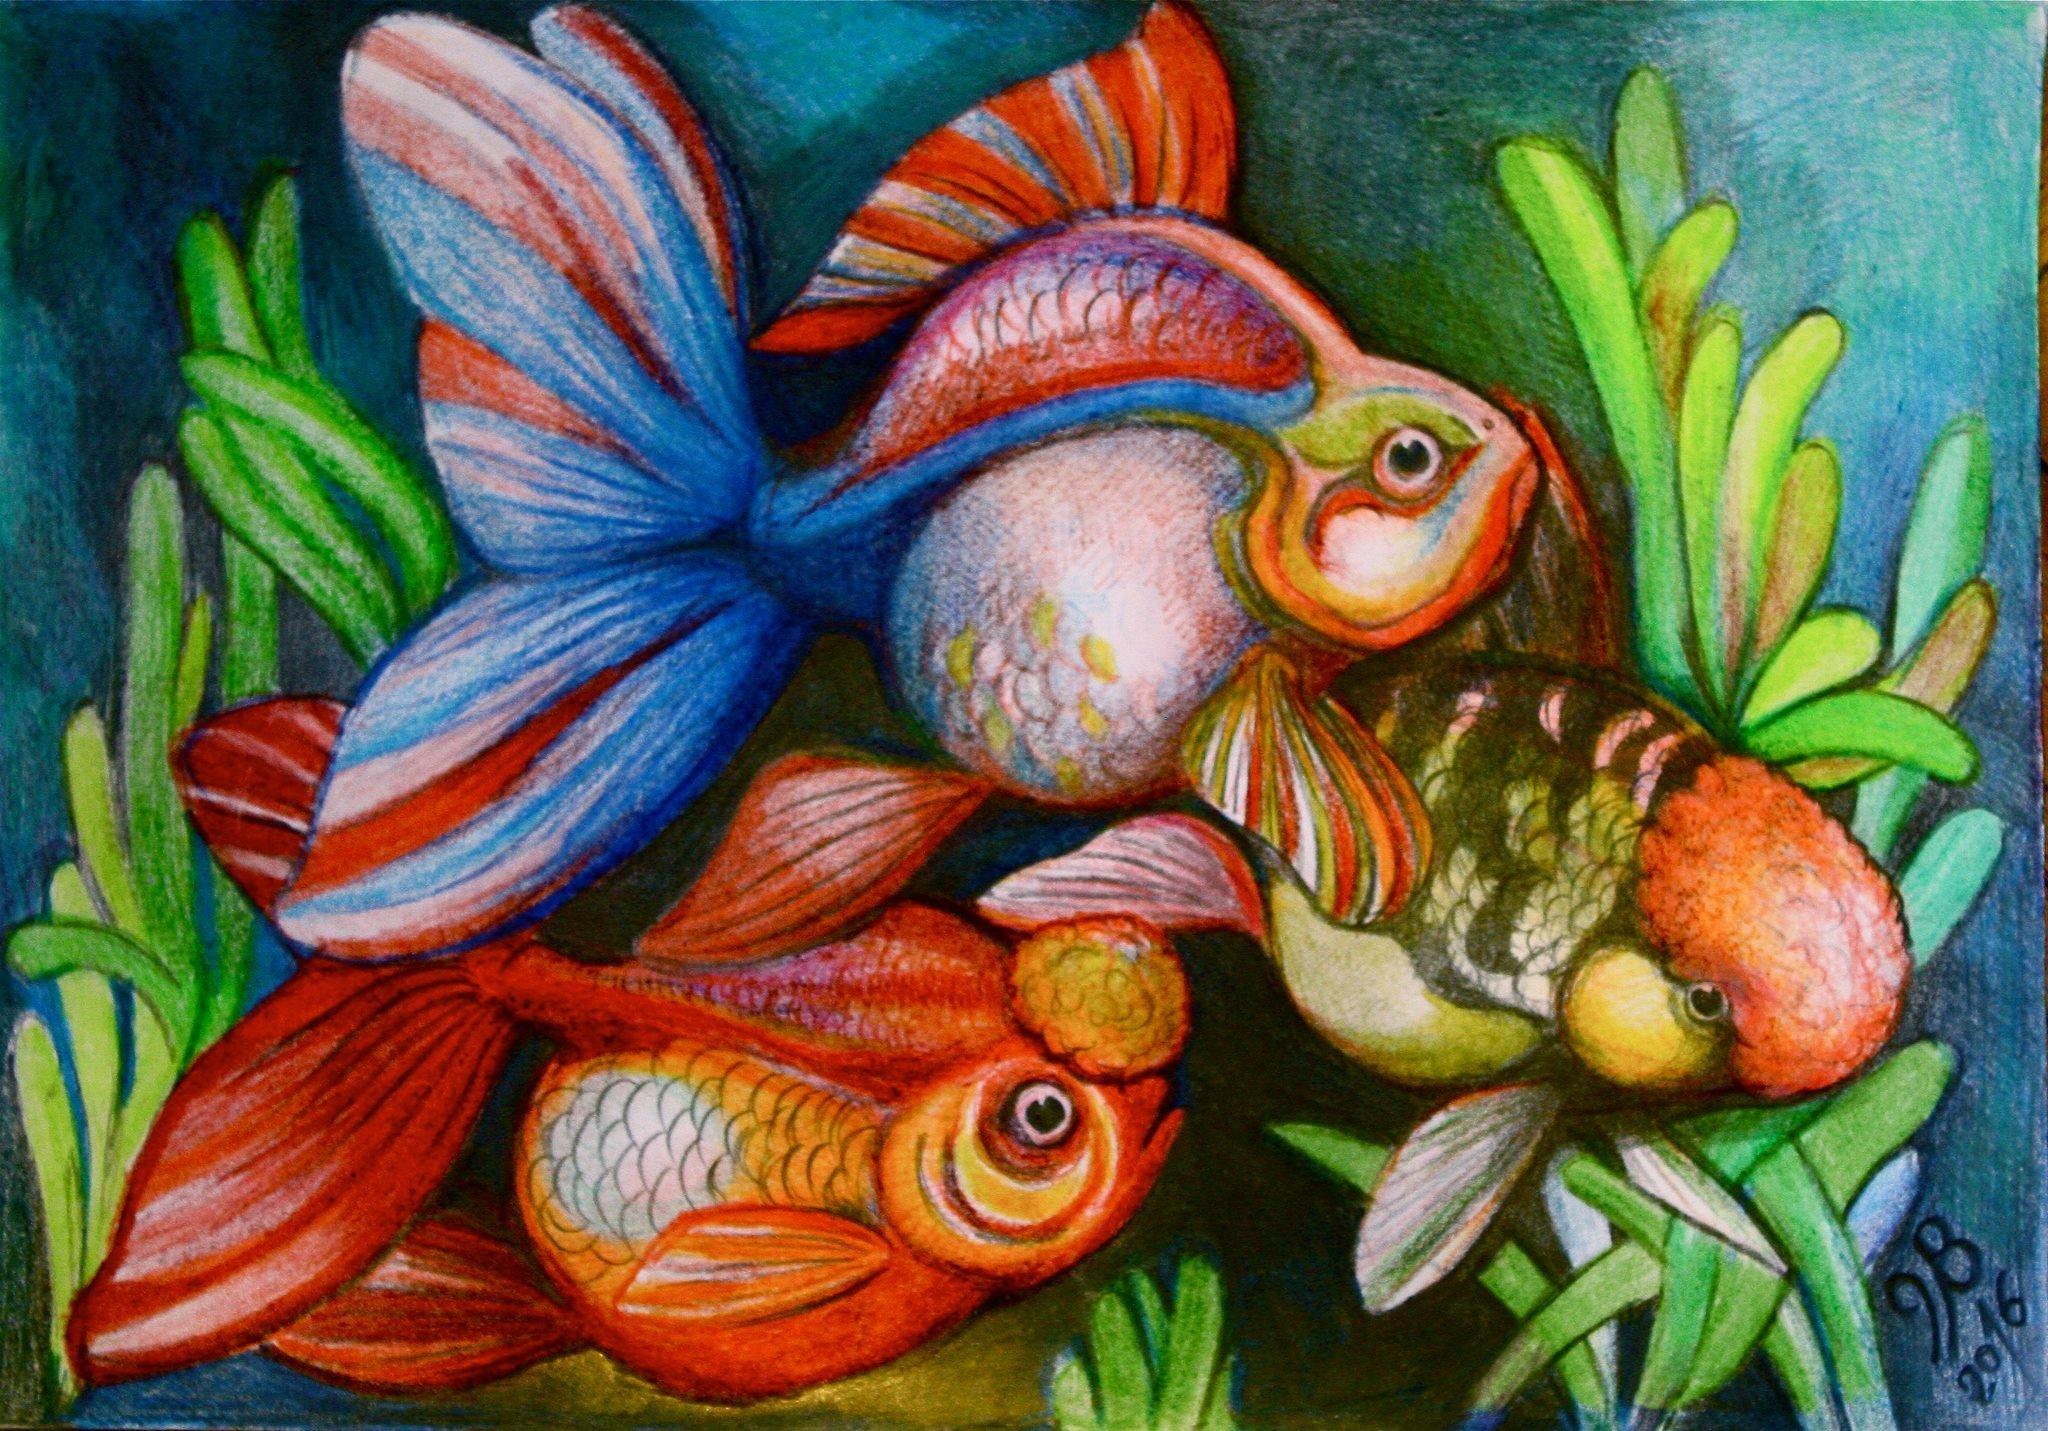 იუზა ბერაძის ნახატი